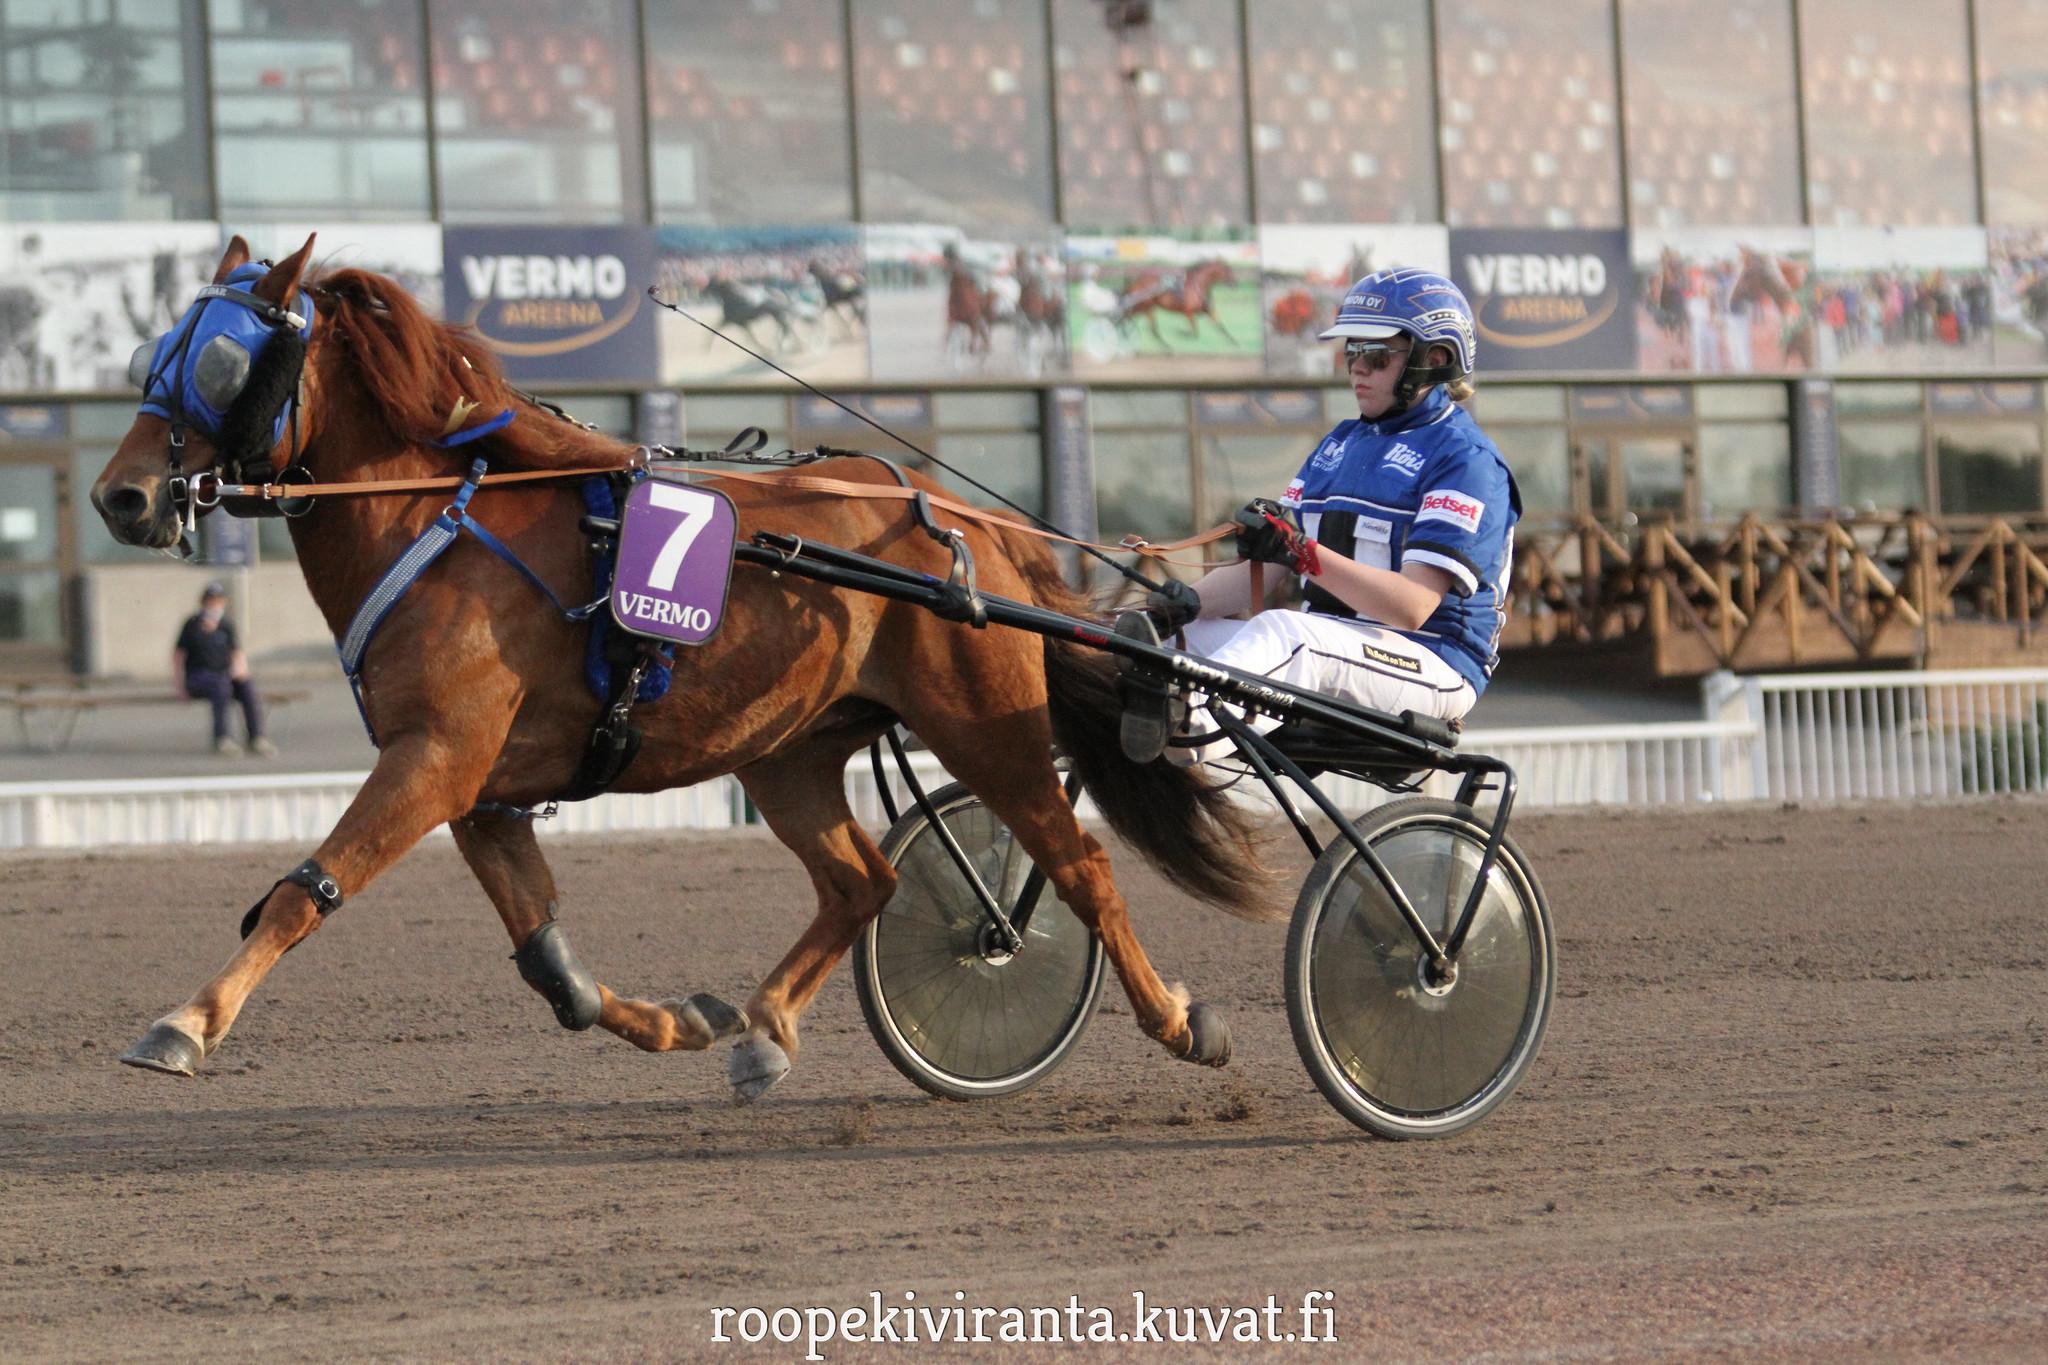 Amor Dar ja Henriikka Rantanen tulevat Vermon PM-lähtöön hyvin miettein. Kuva: Hippos / Roope Kiviranta.